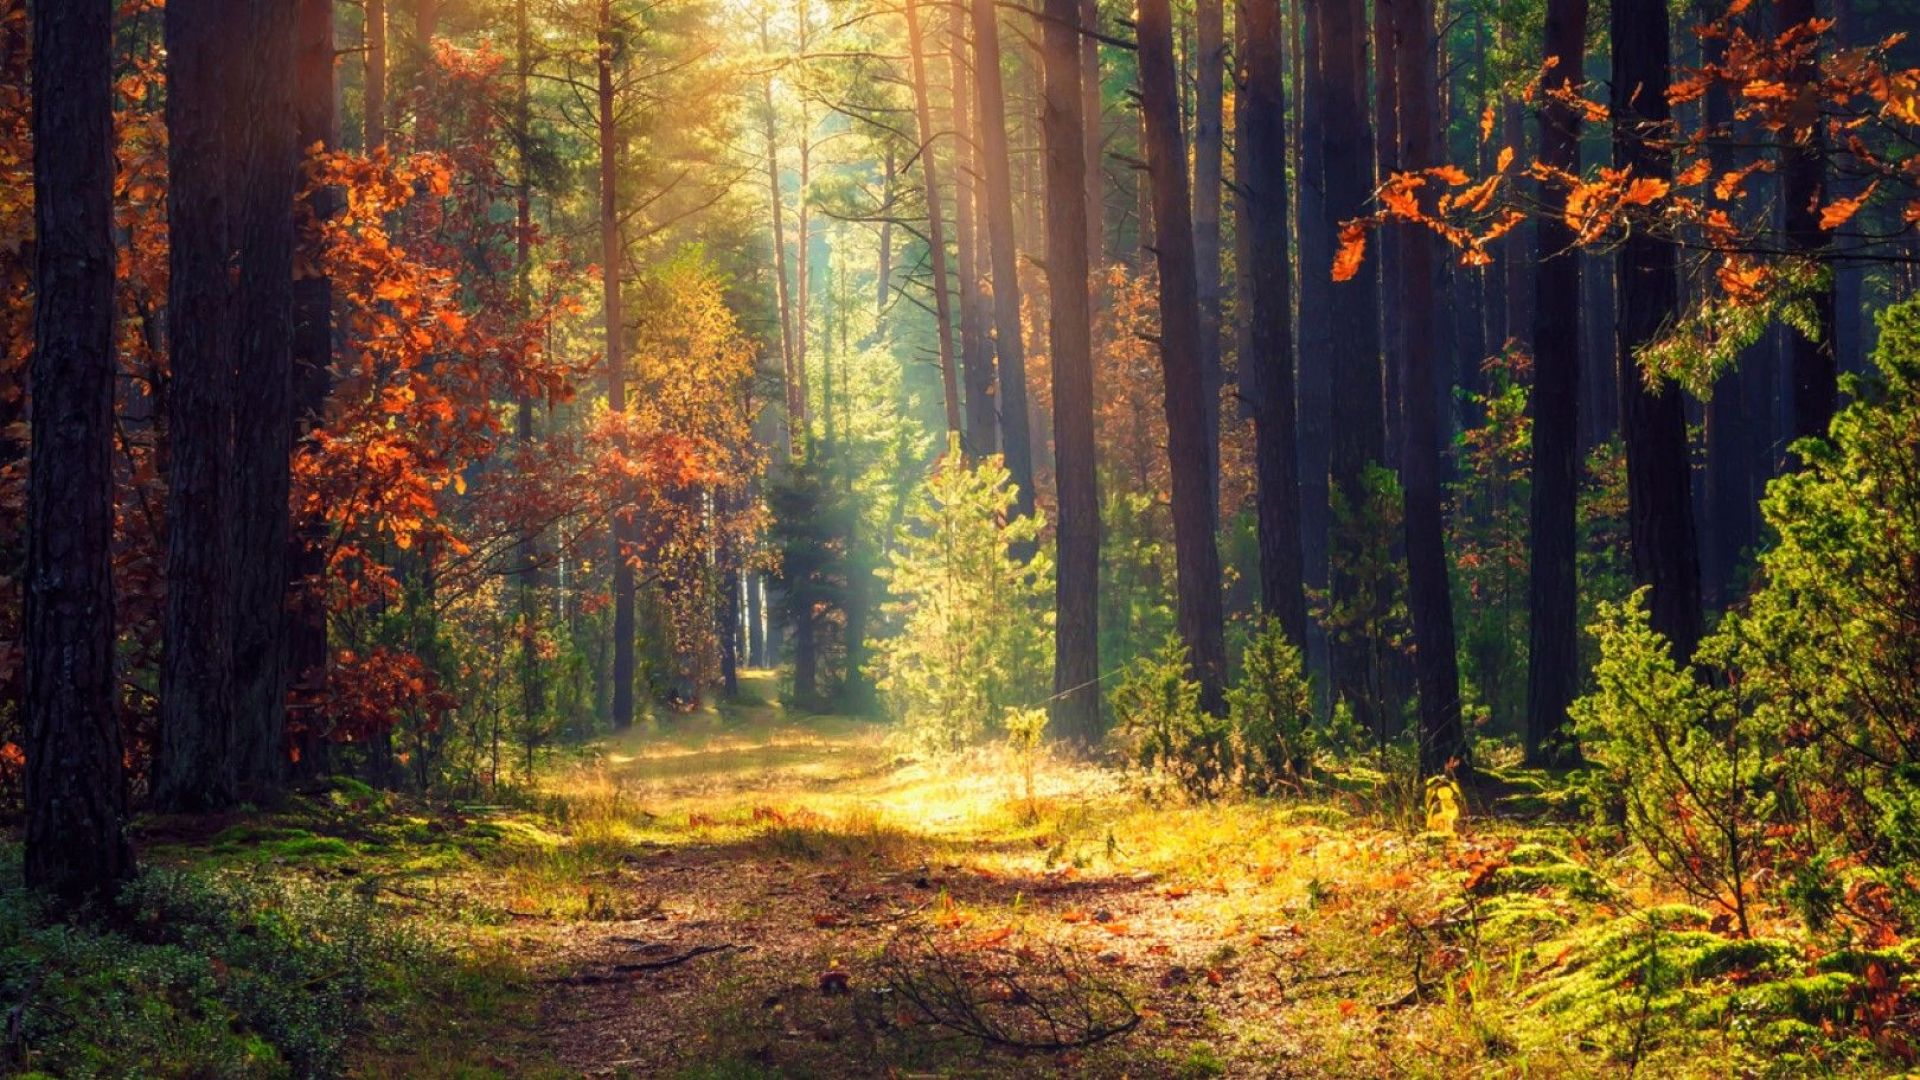 Държавата заделя 1 млн. лева за изкупуване на частни гори